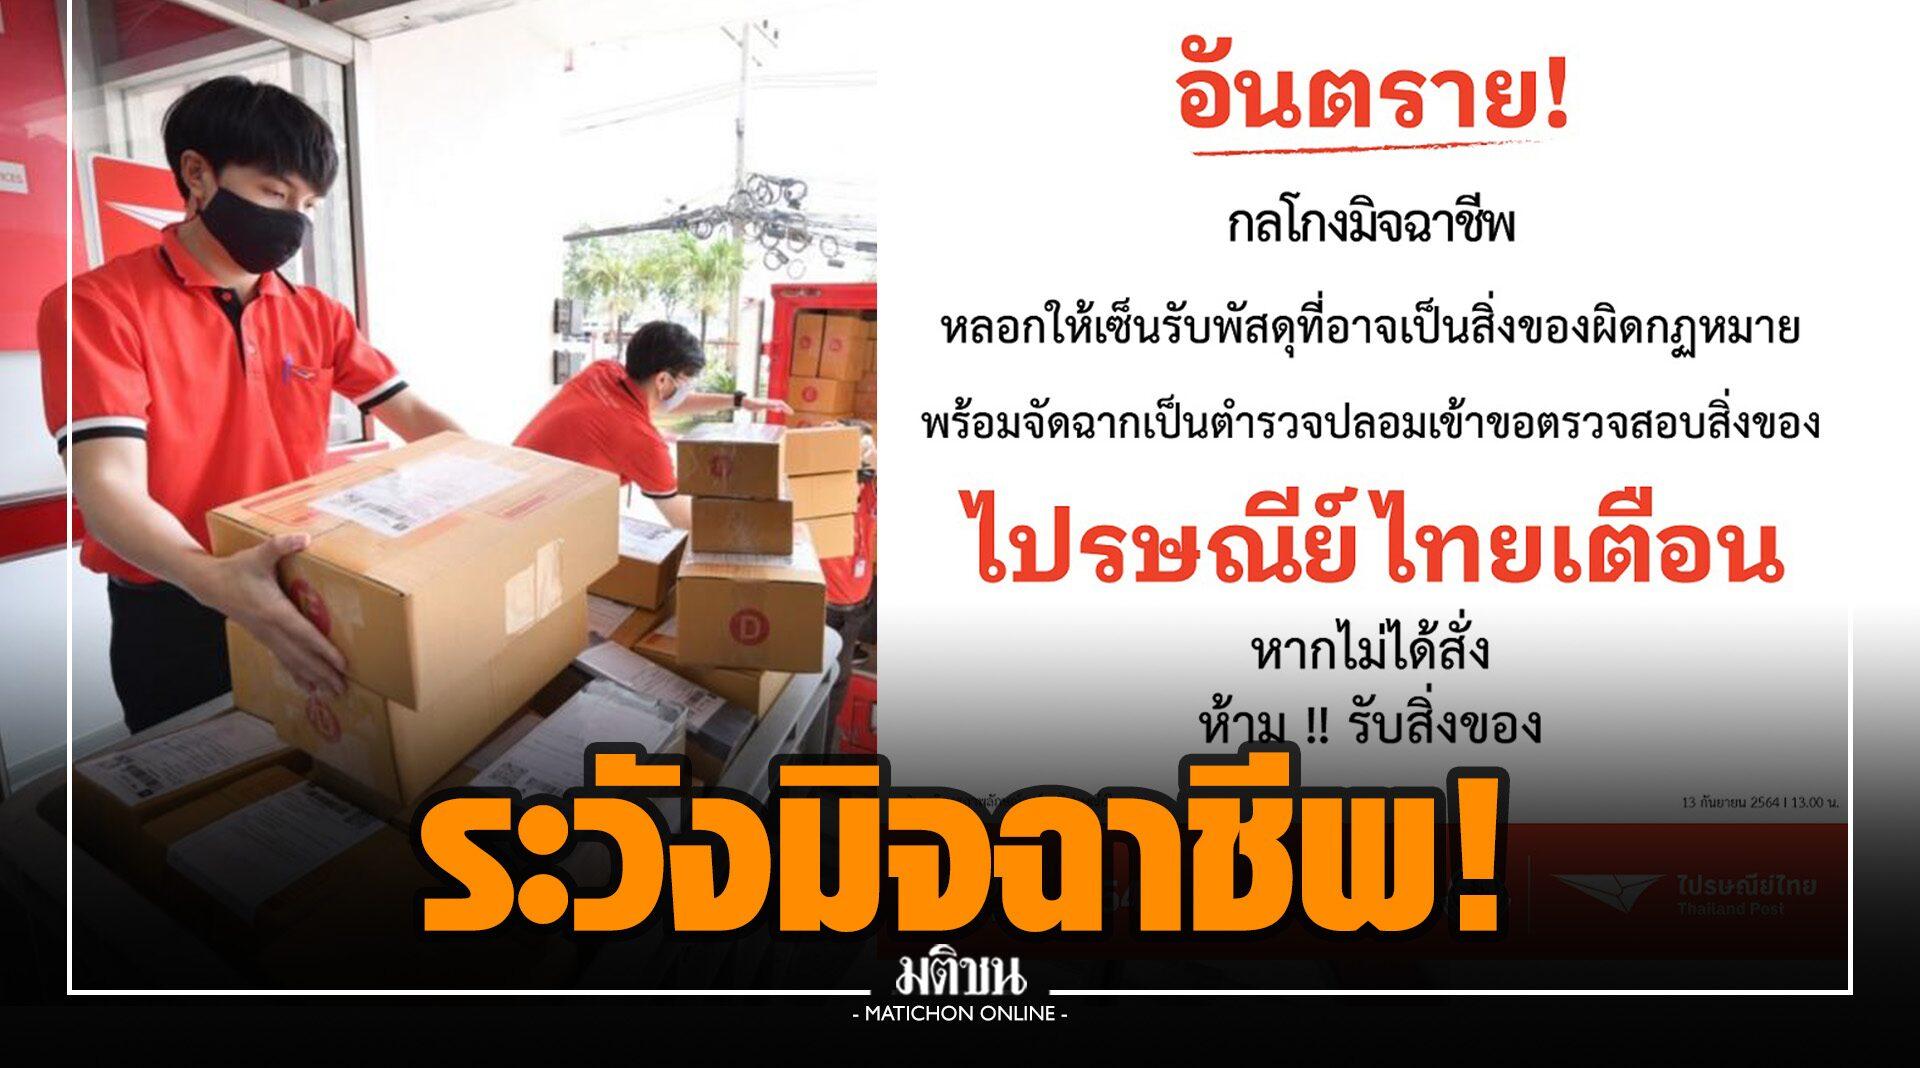 ไปรษณีย์ไทย เตือนระวังขบวนการมิจฉาชีพ อ้างเป็นเจ้าหน้าที่ส่งพัสดุ หลอกลงชื่อรับพัสดุที่ไม่ได้สั่ง